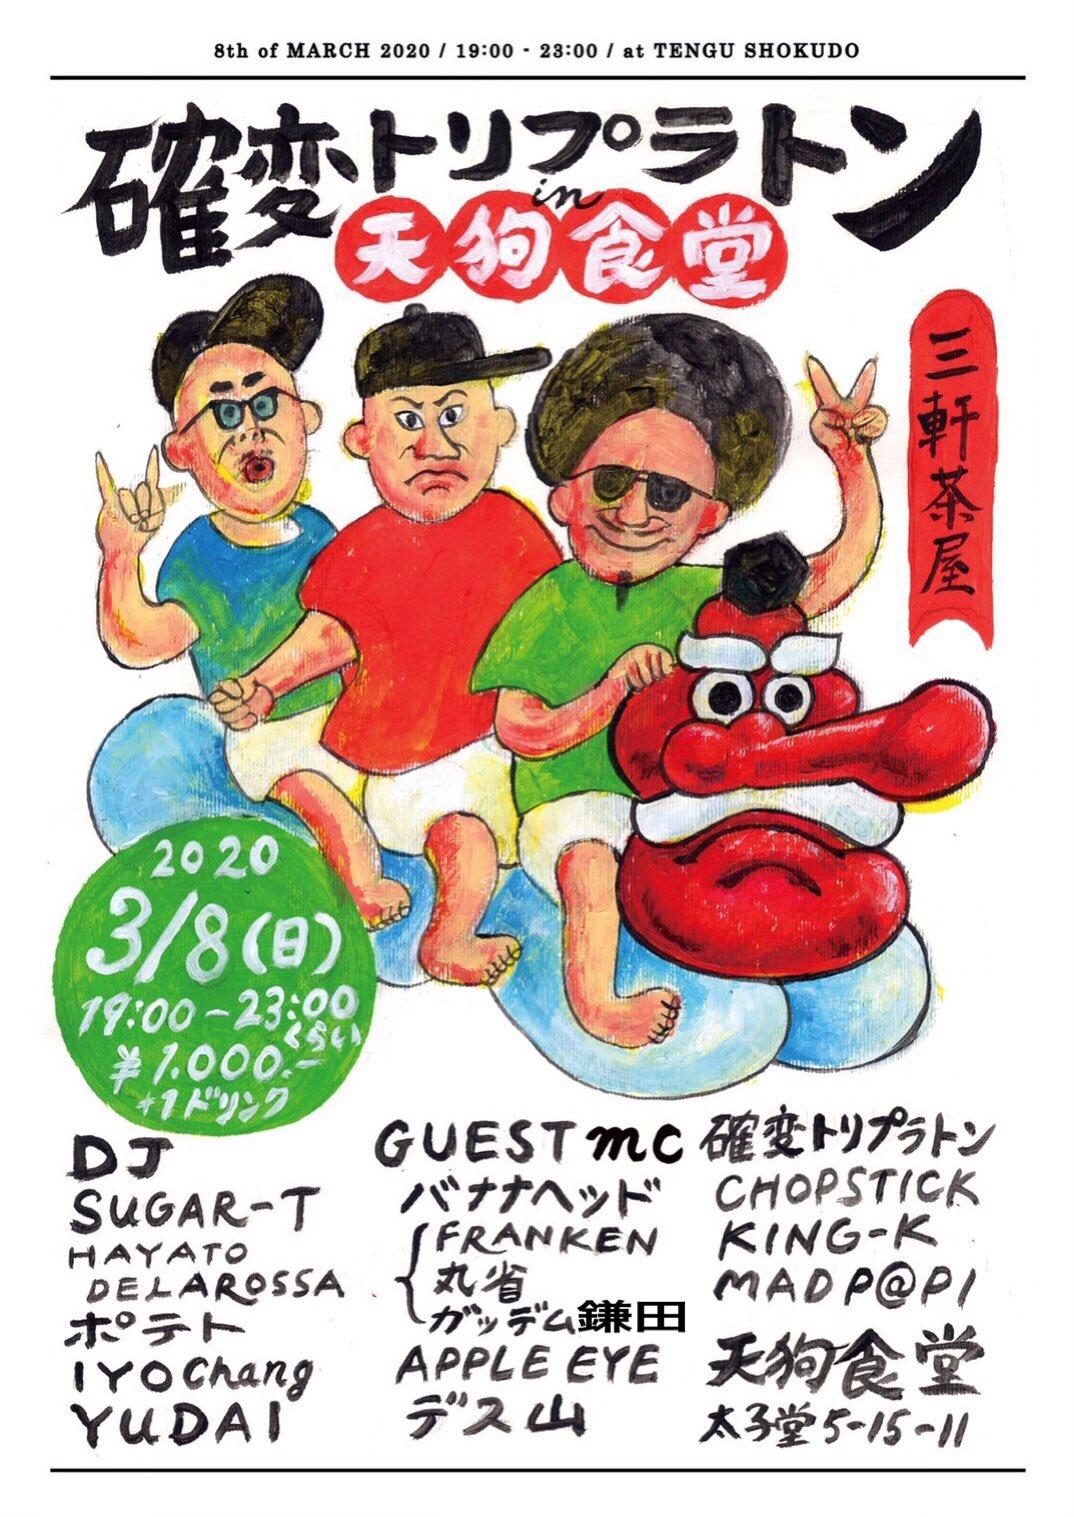 2020年3月8日(日)  確変トリプラトン2020 in 三軒茶屋・天狗食堂